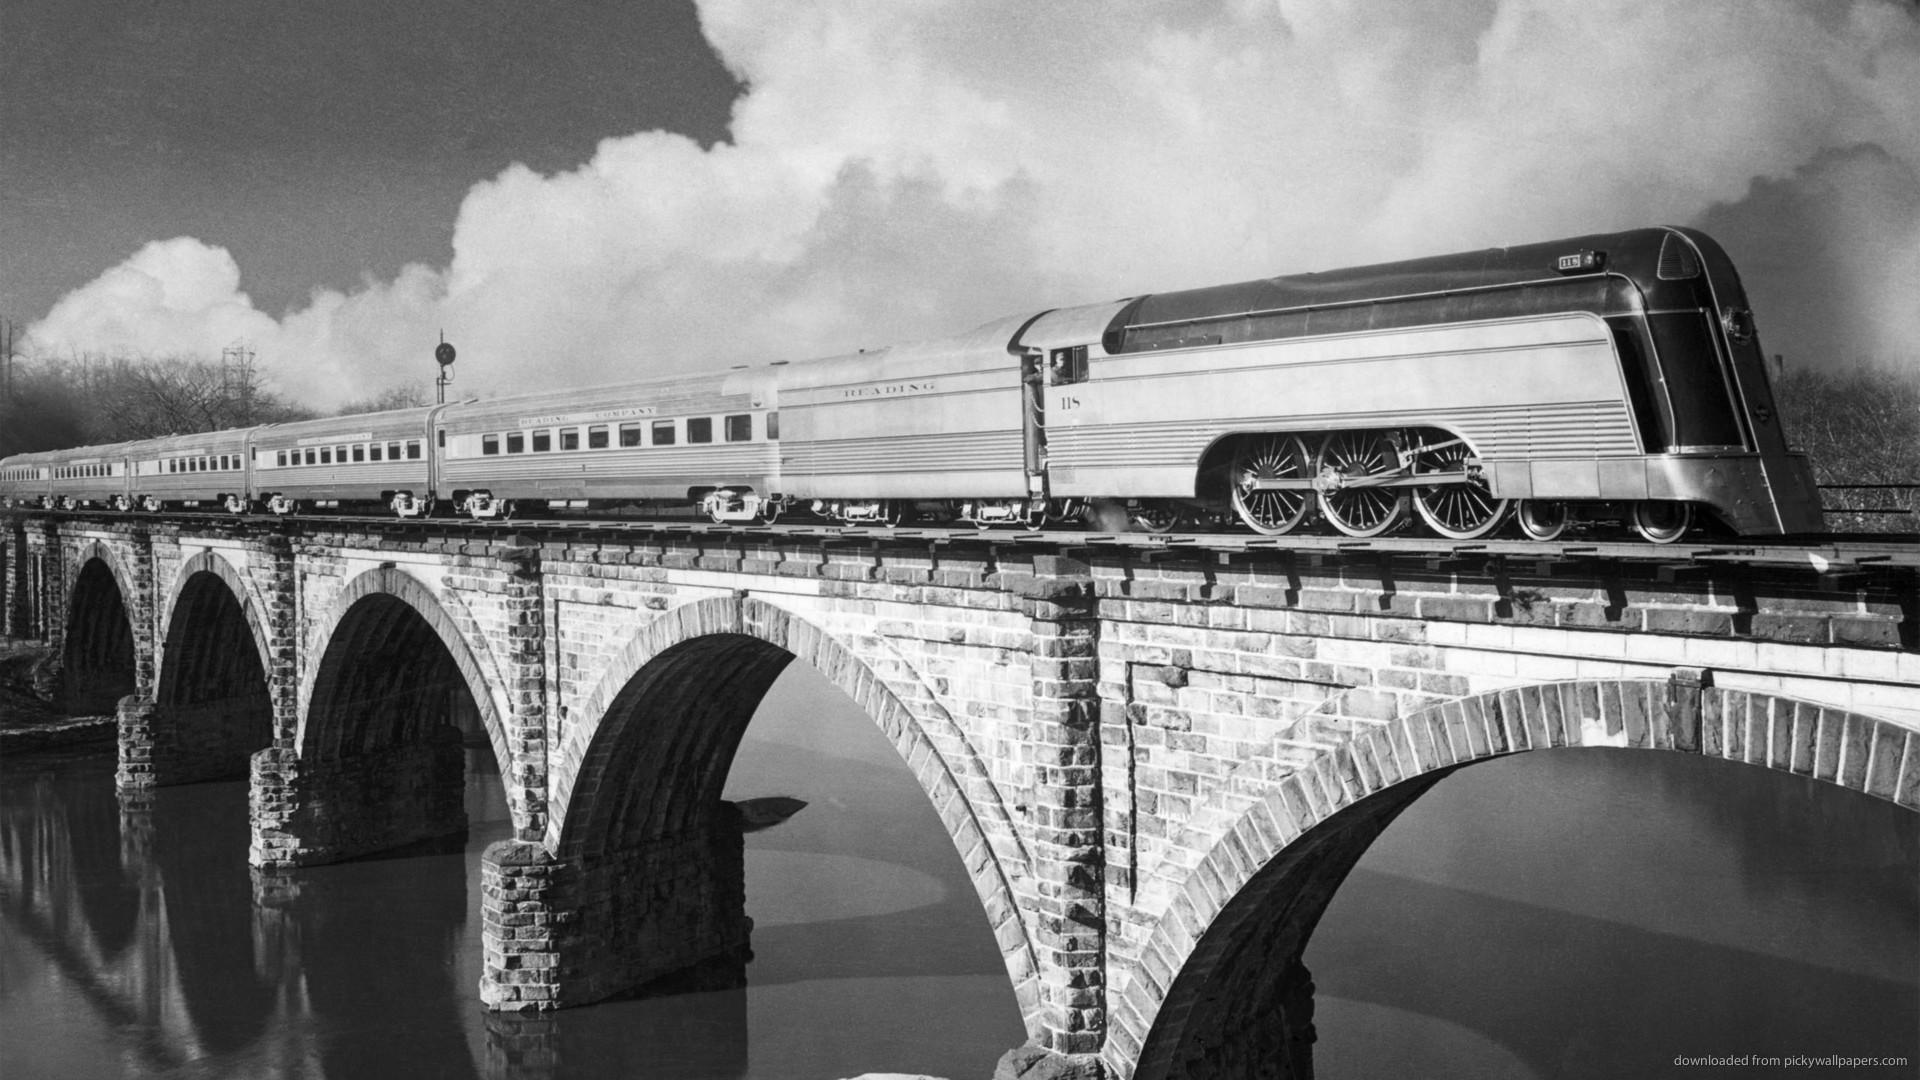 Futuristic steam train on a bridge for 1920×1080